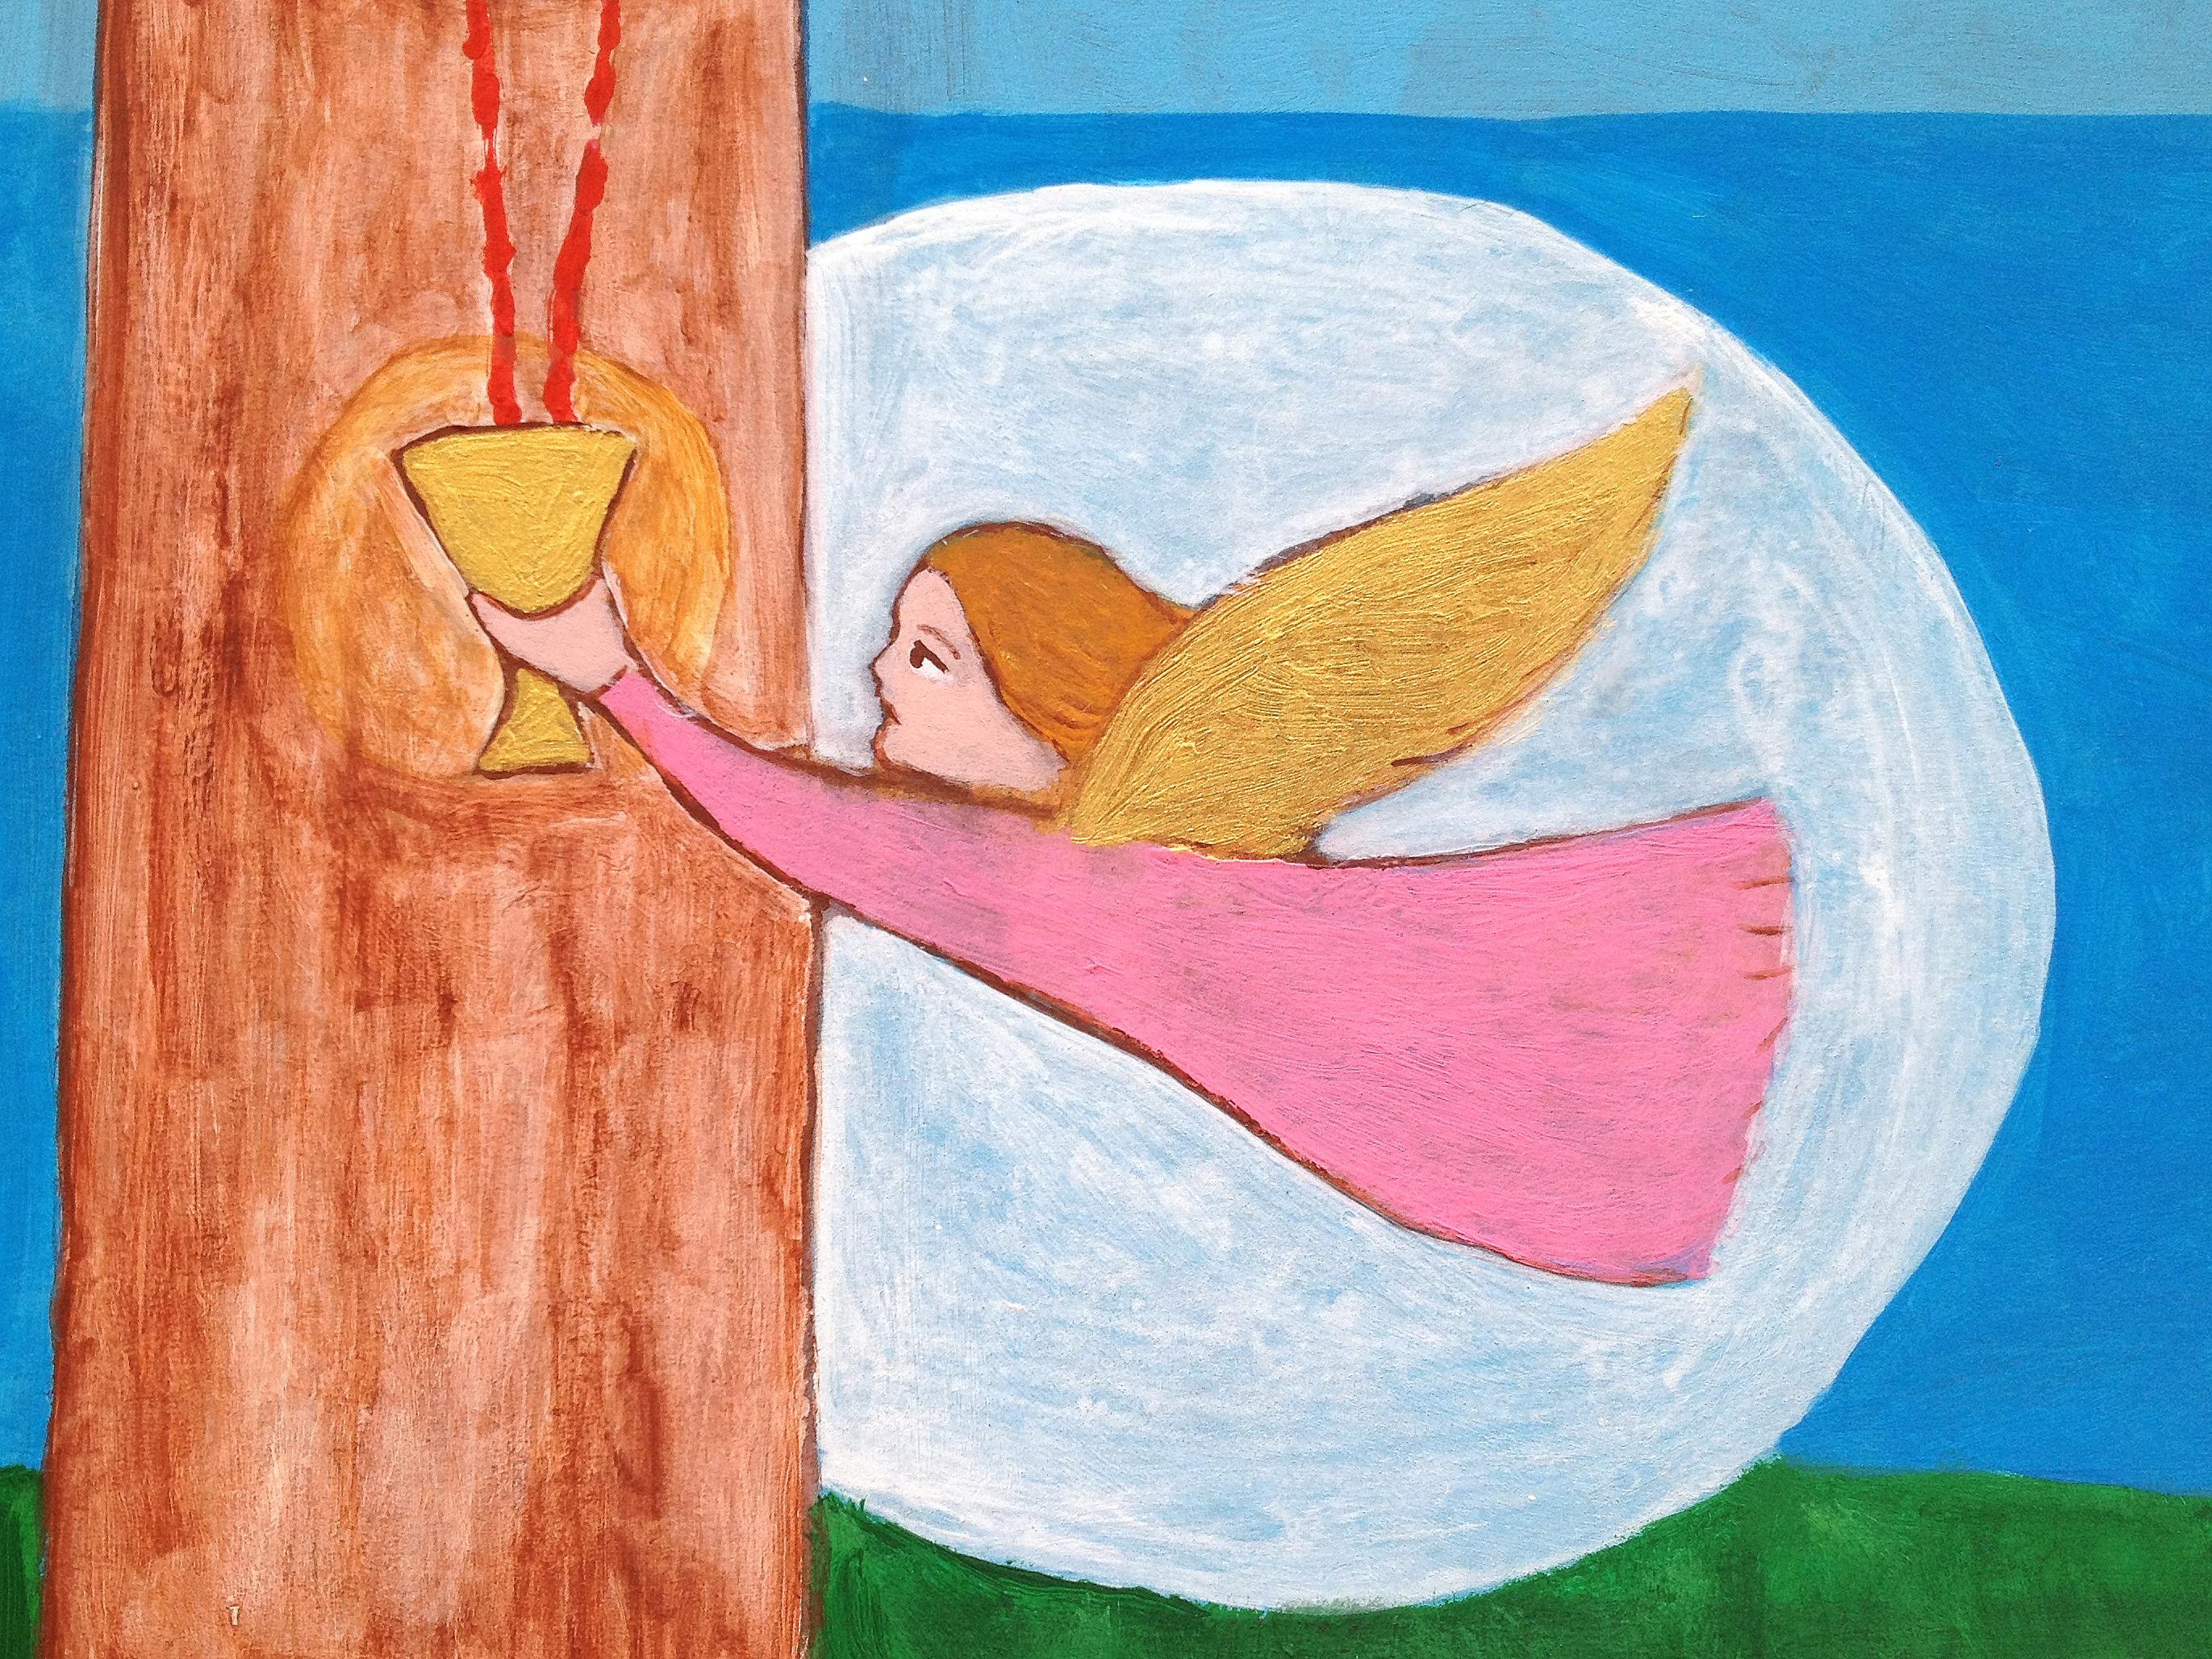 Dettaglio, Crocifissione, Gli angeli raccolgono il sangue di Gesù Cristo  nel sacrificio Eucaristico,  per portarlo sugli altari di tutta la Terra, nell'Ostia divina, 2015